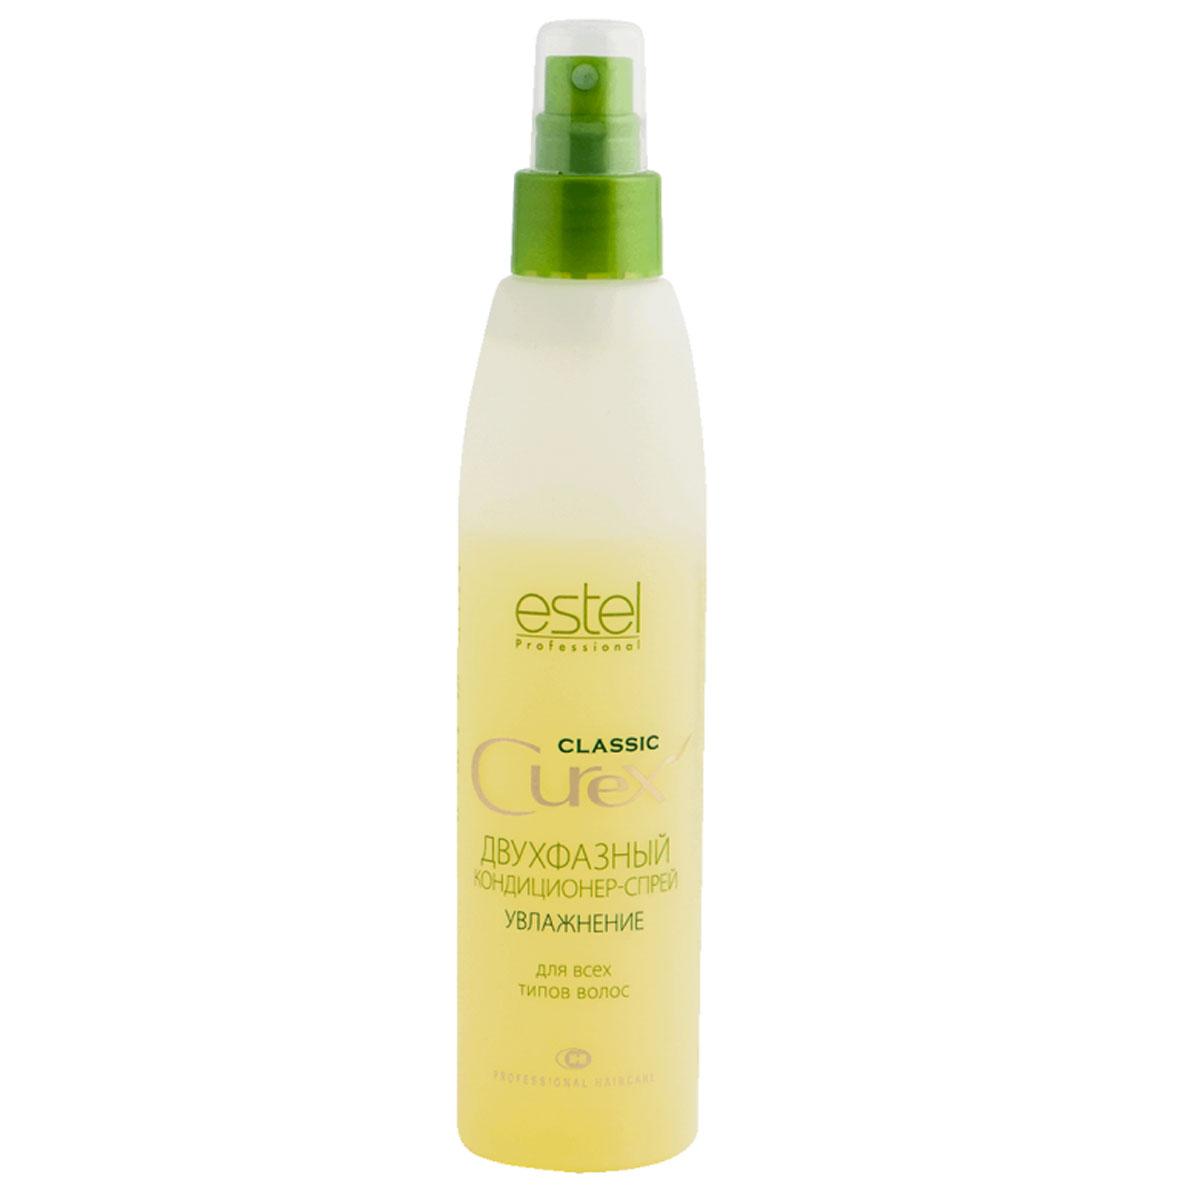 Estel Curex Classic Двухфазный кондиционер-спрей для волос Увлажнение 200 мл estel флюид блеск для волос с термозащитой brilliance блеск купить